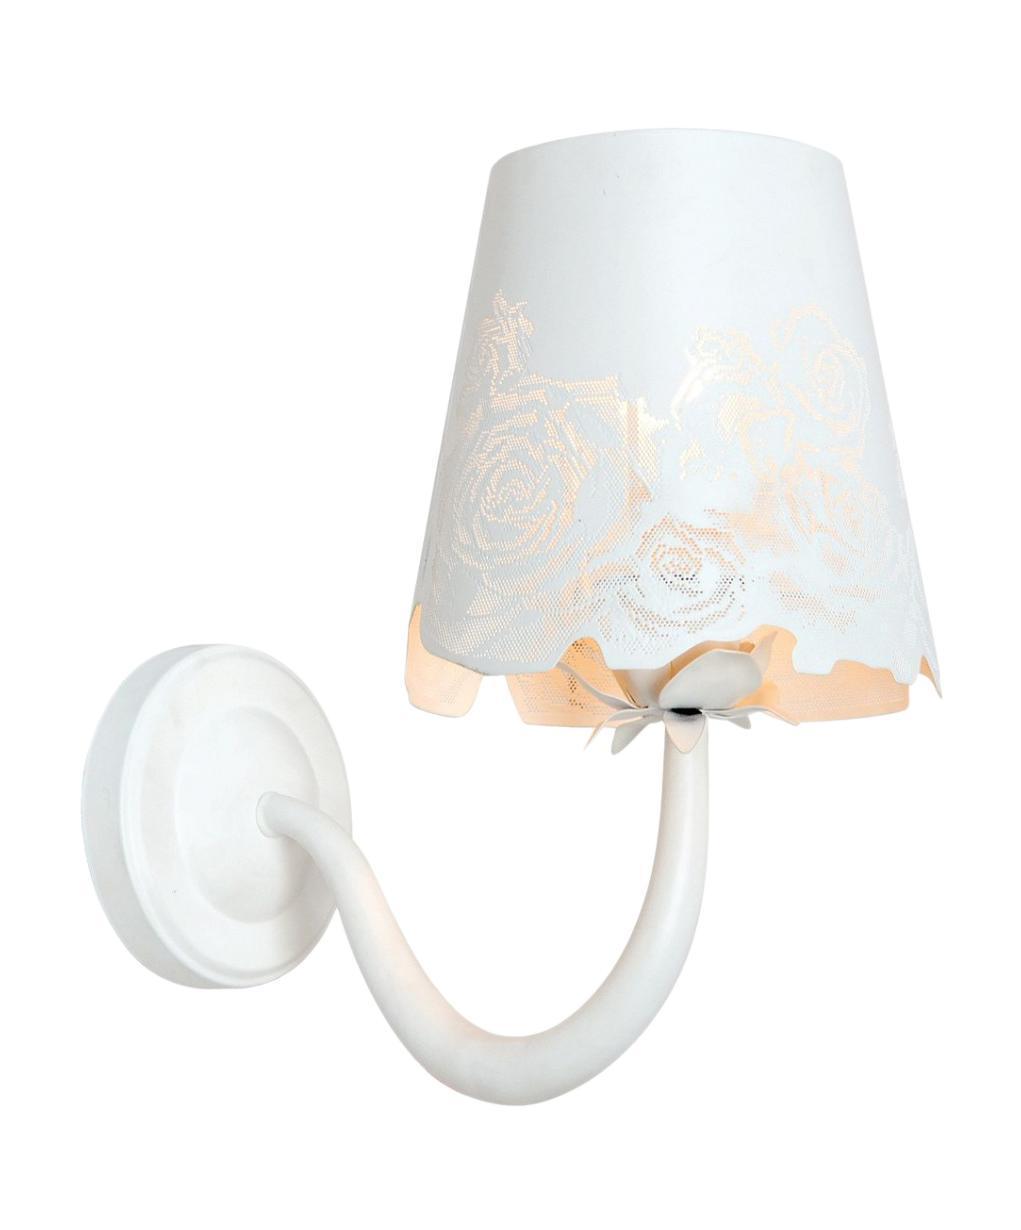 Бра Arte lamp A2020ap-1wh бра arte lamp attore a2020ap 1wh